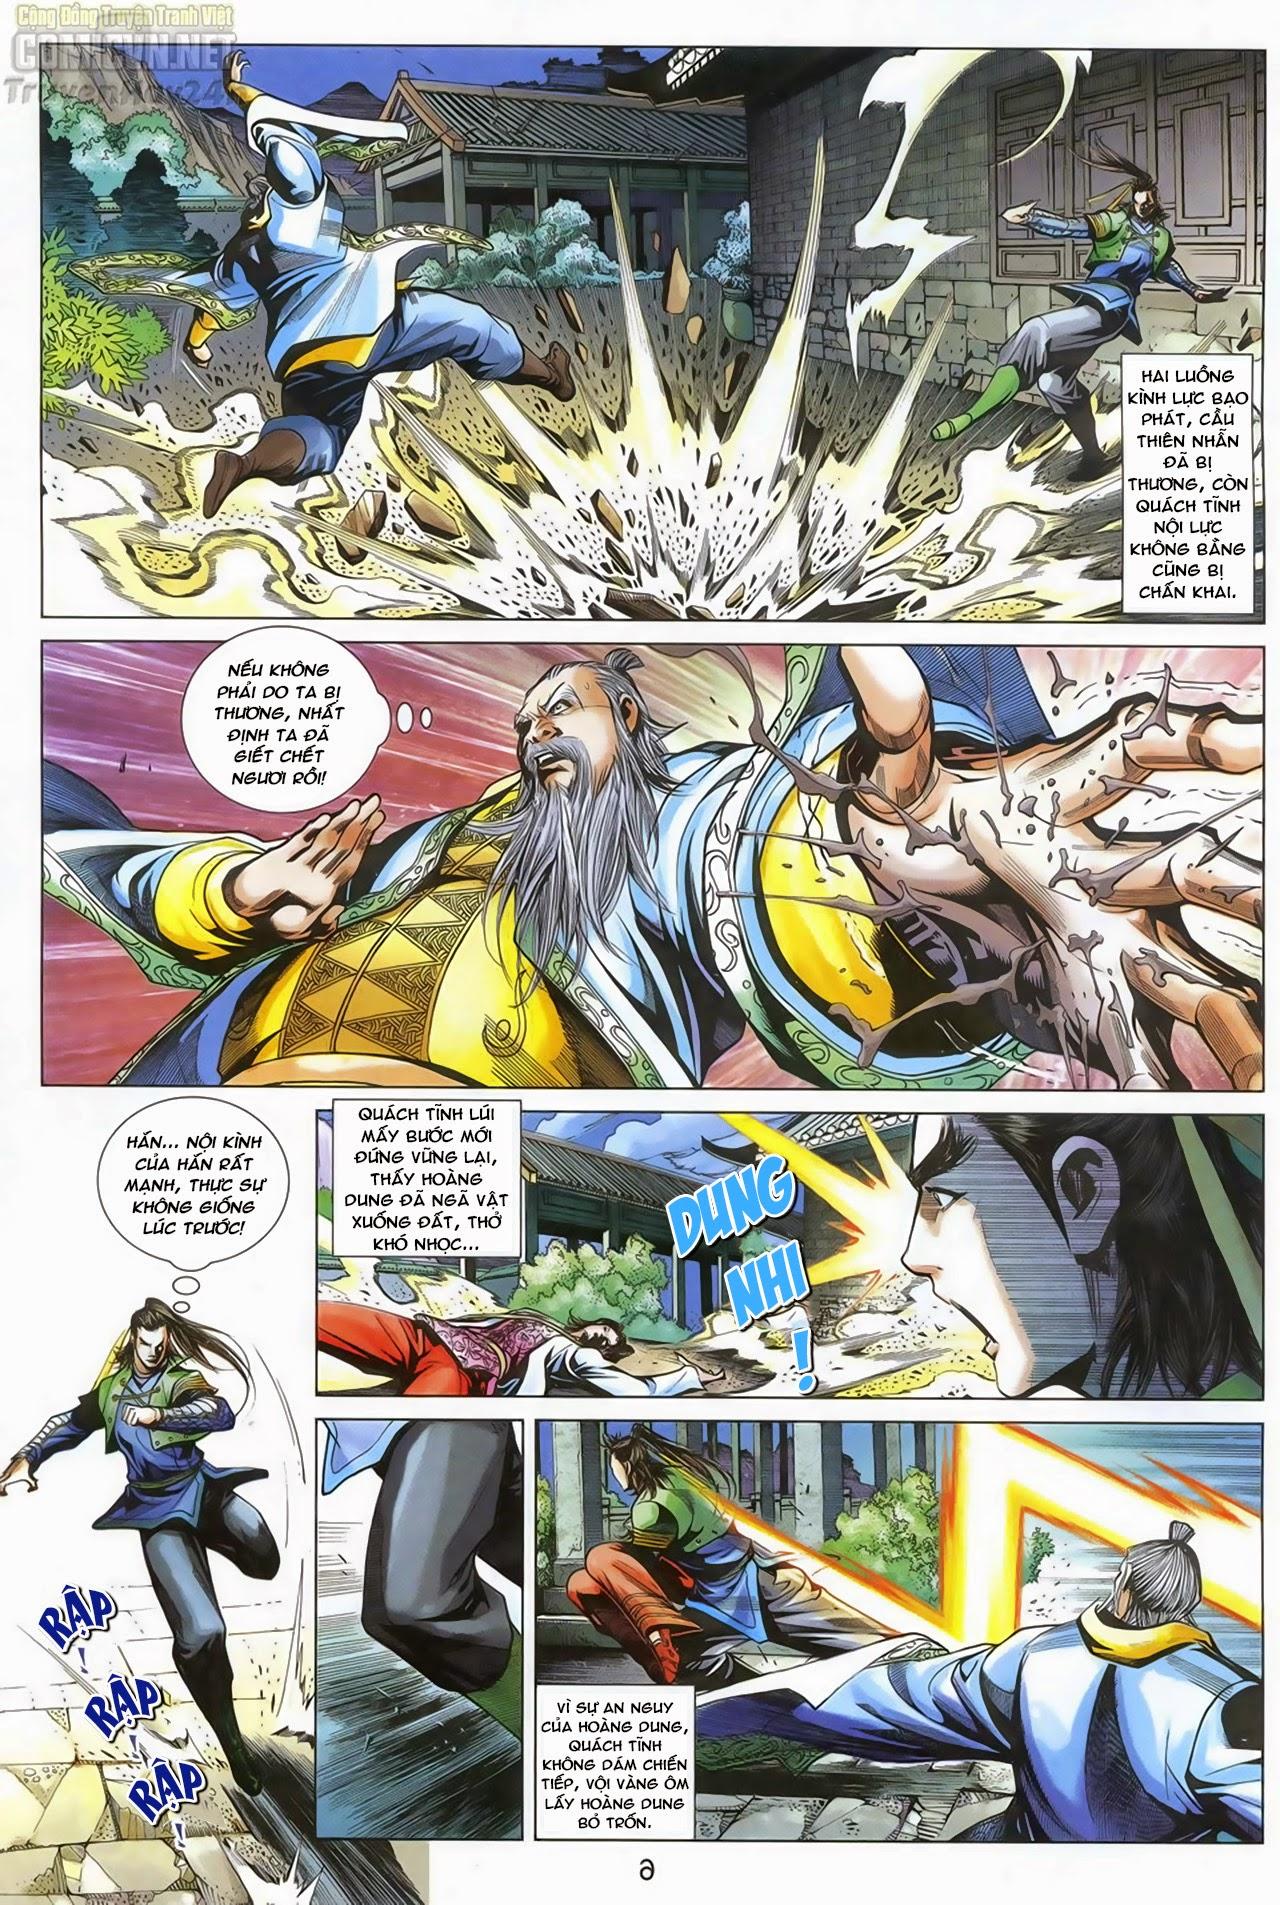 Anh Hùng Xạ Điêu anh hùng xạ đêu chap 69: hồn đoạn thiết chưởng phong trang 7